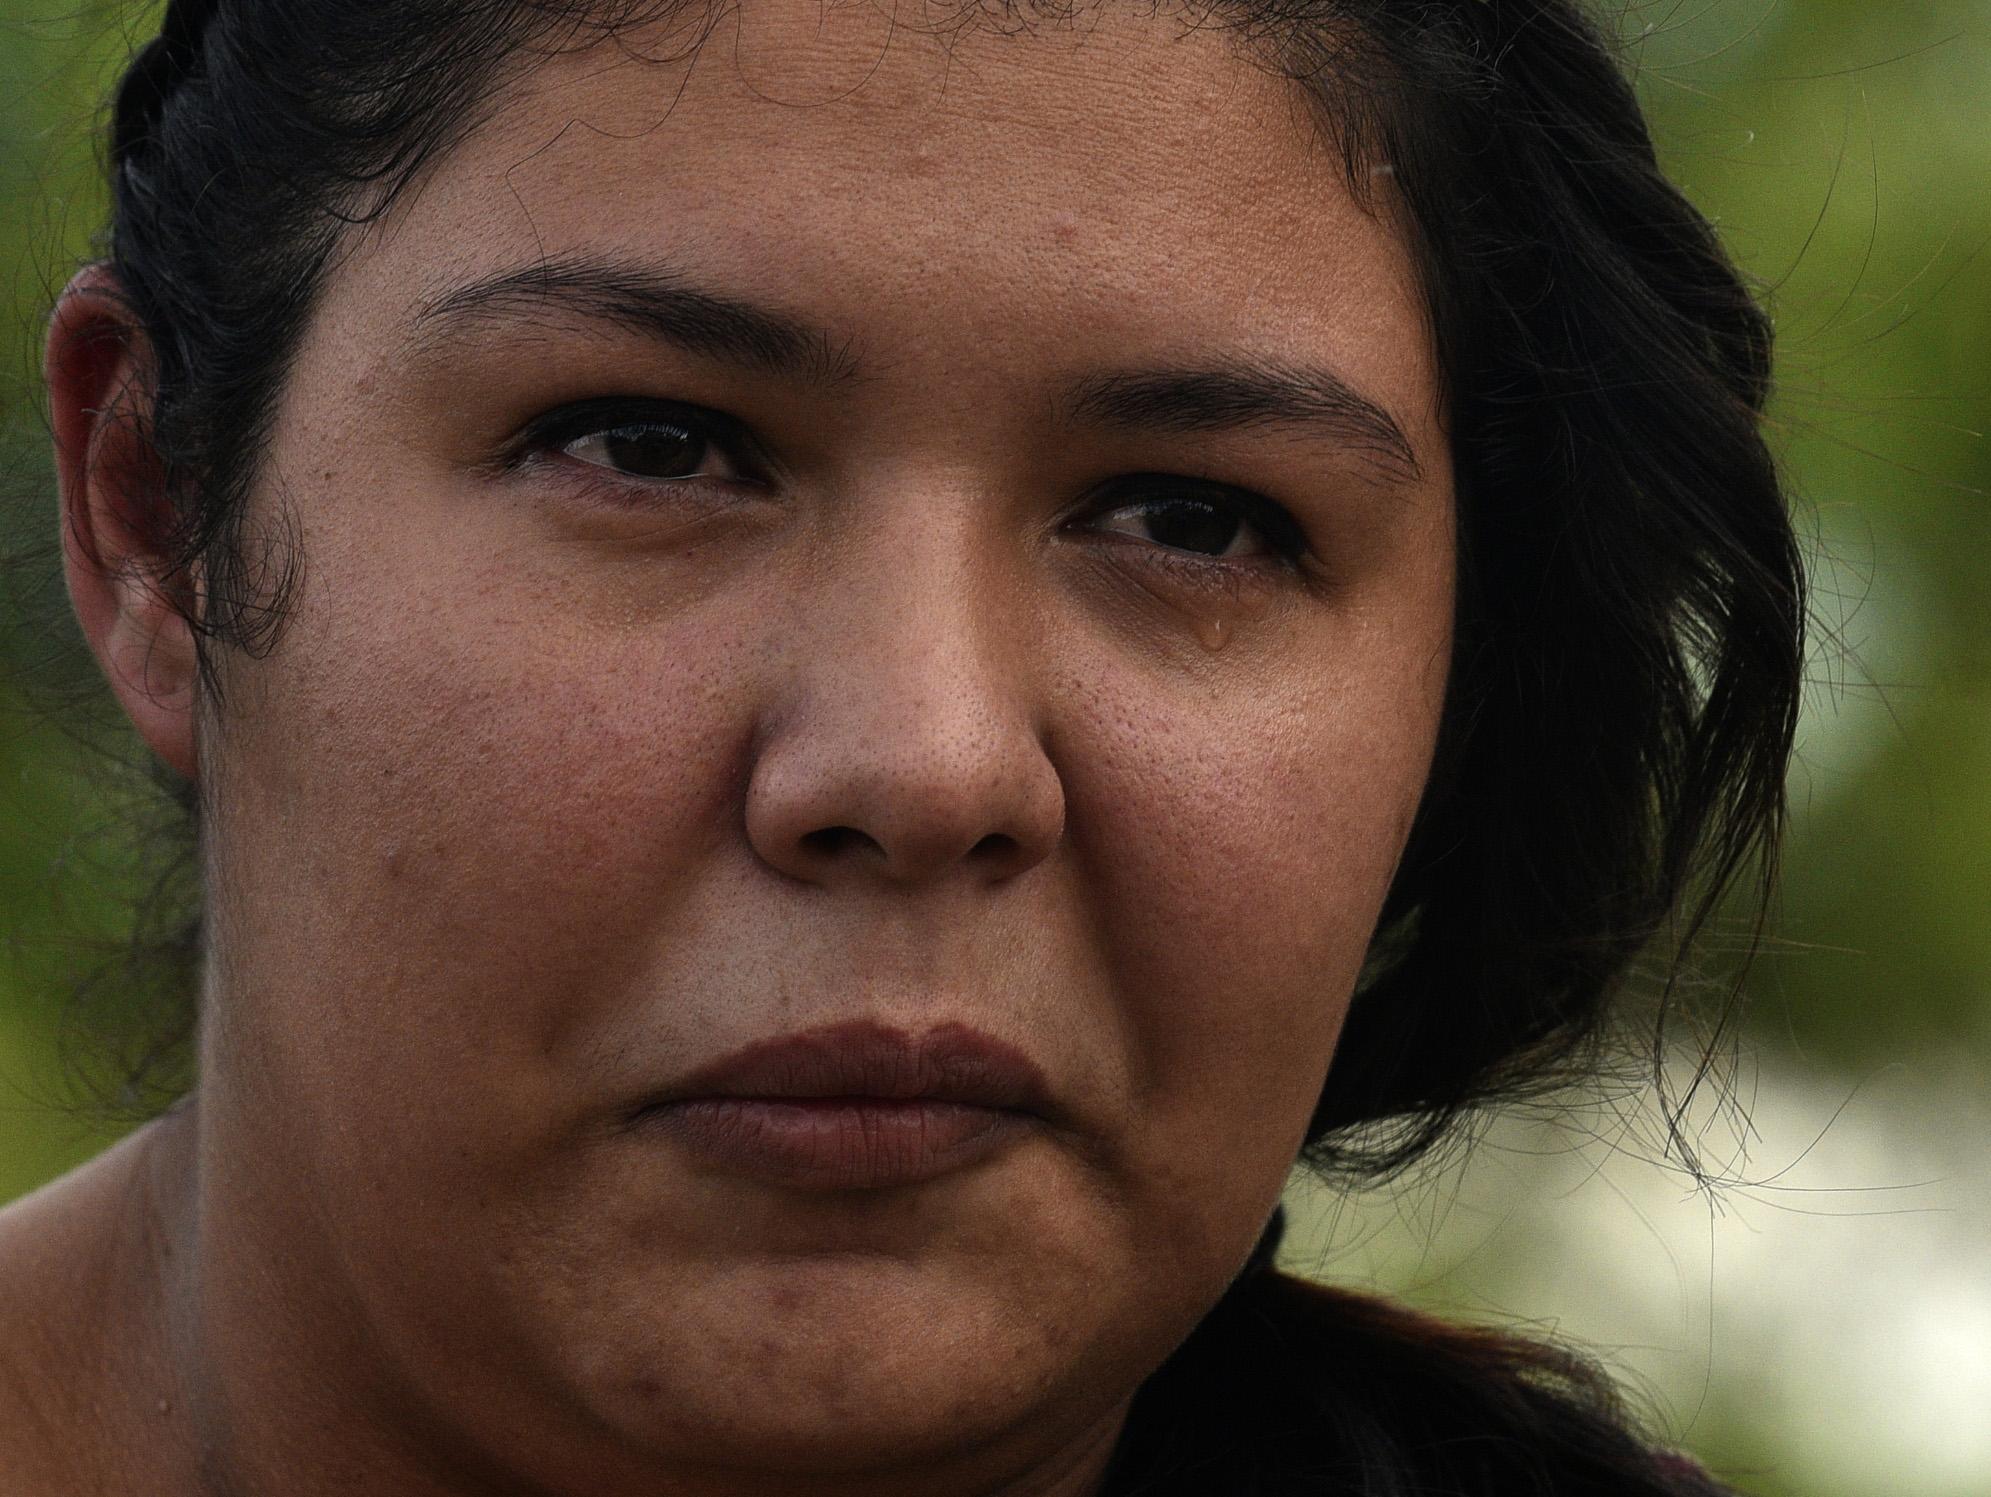 María Araceli Sosa Díaz (25 años), absuelta del caso quíntuple homicidio en la casa del horror, hoy está enfocada en brindarle más tiempo a su familia, en especial a su pequeña hija de 7 años.